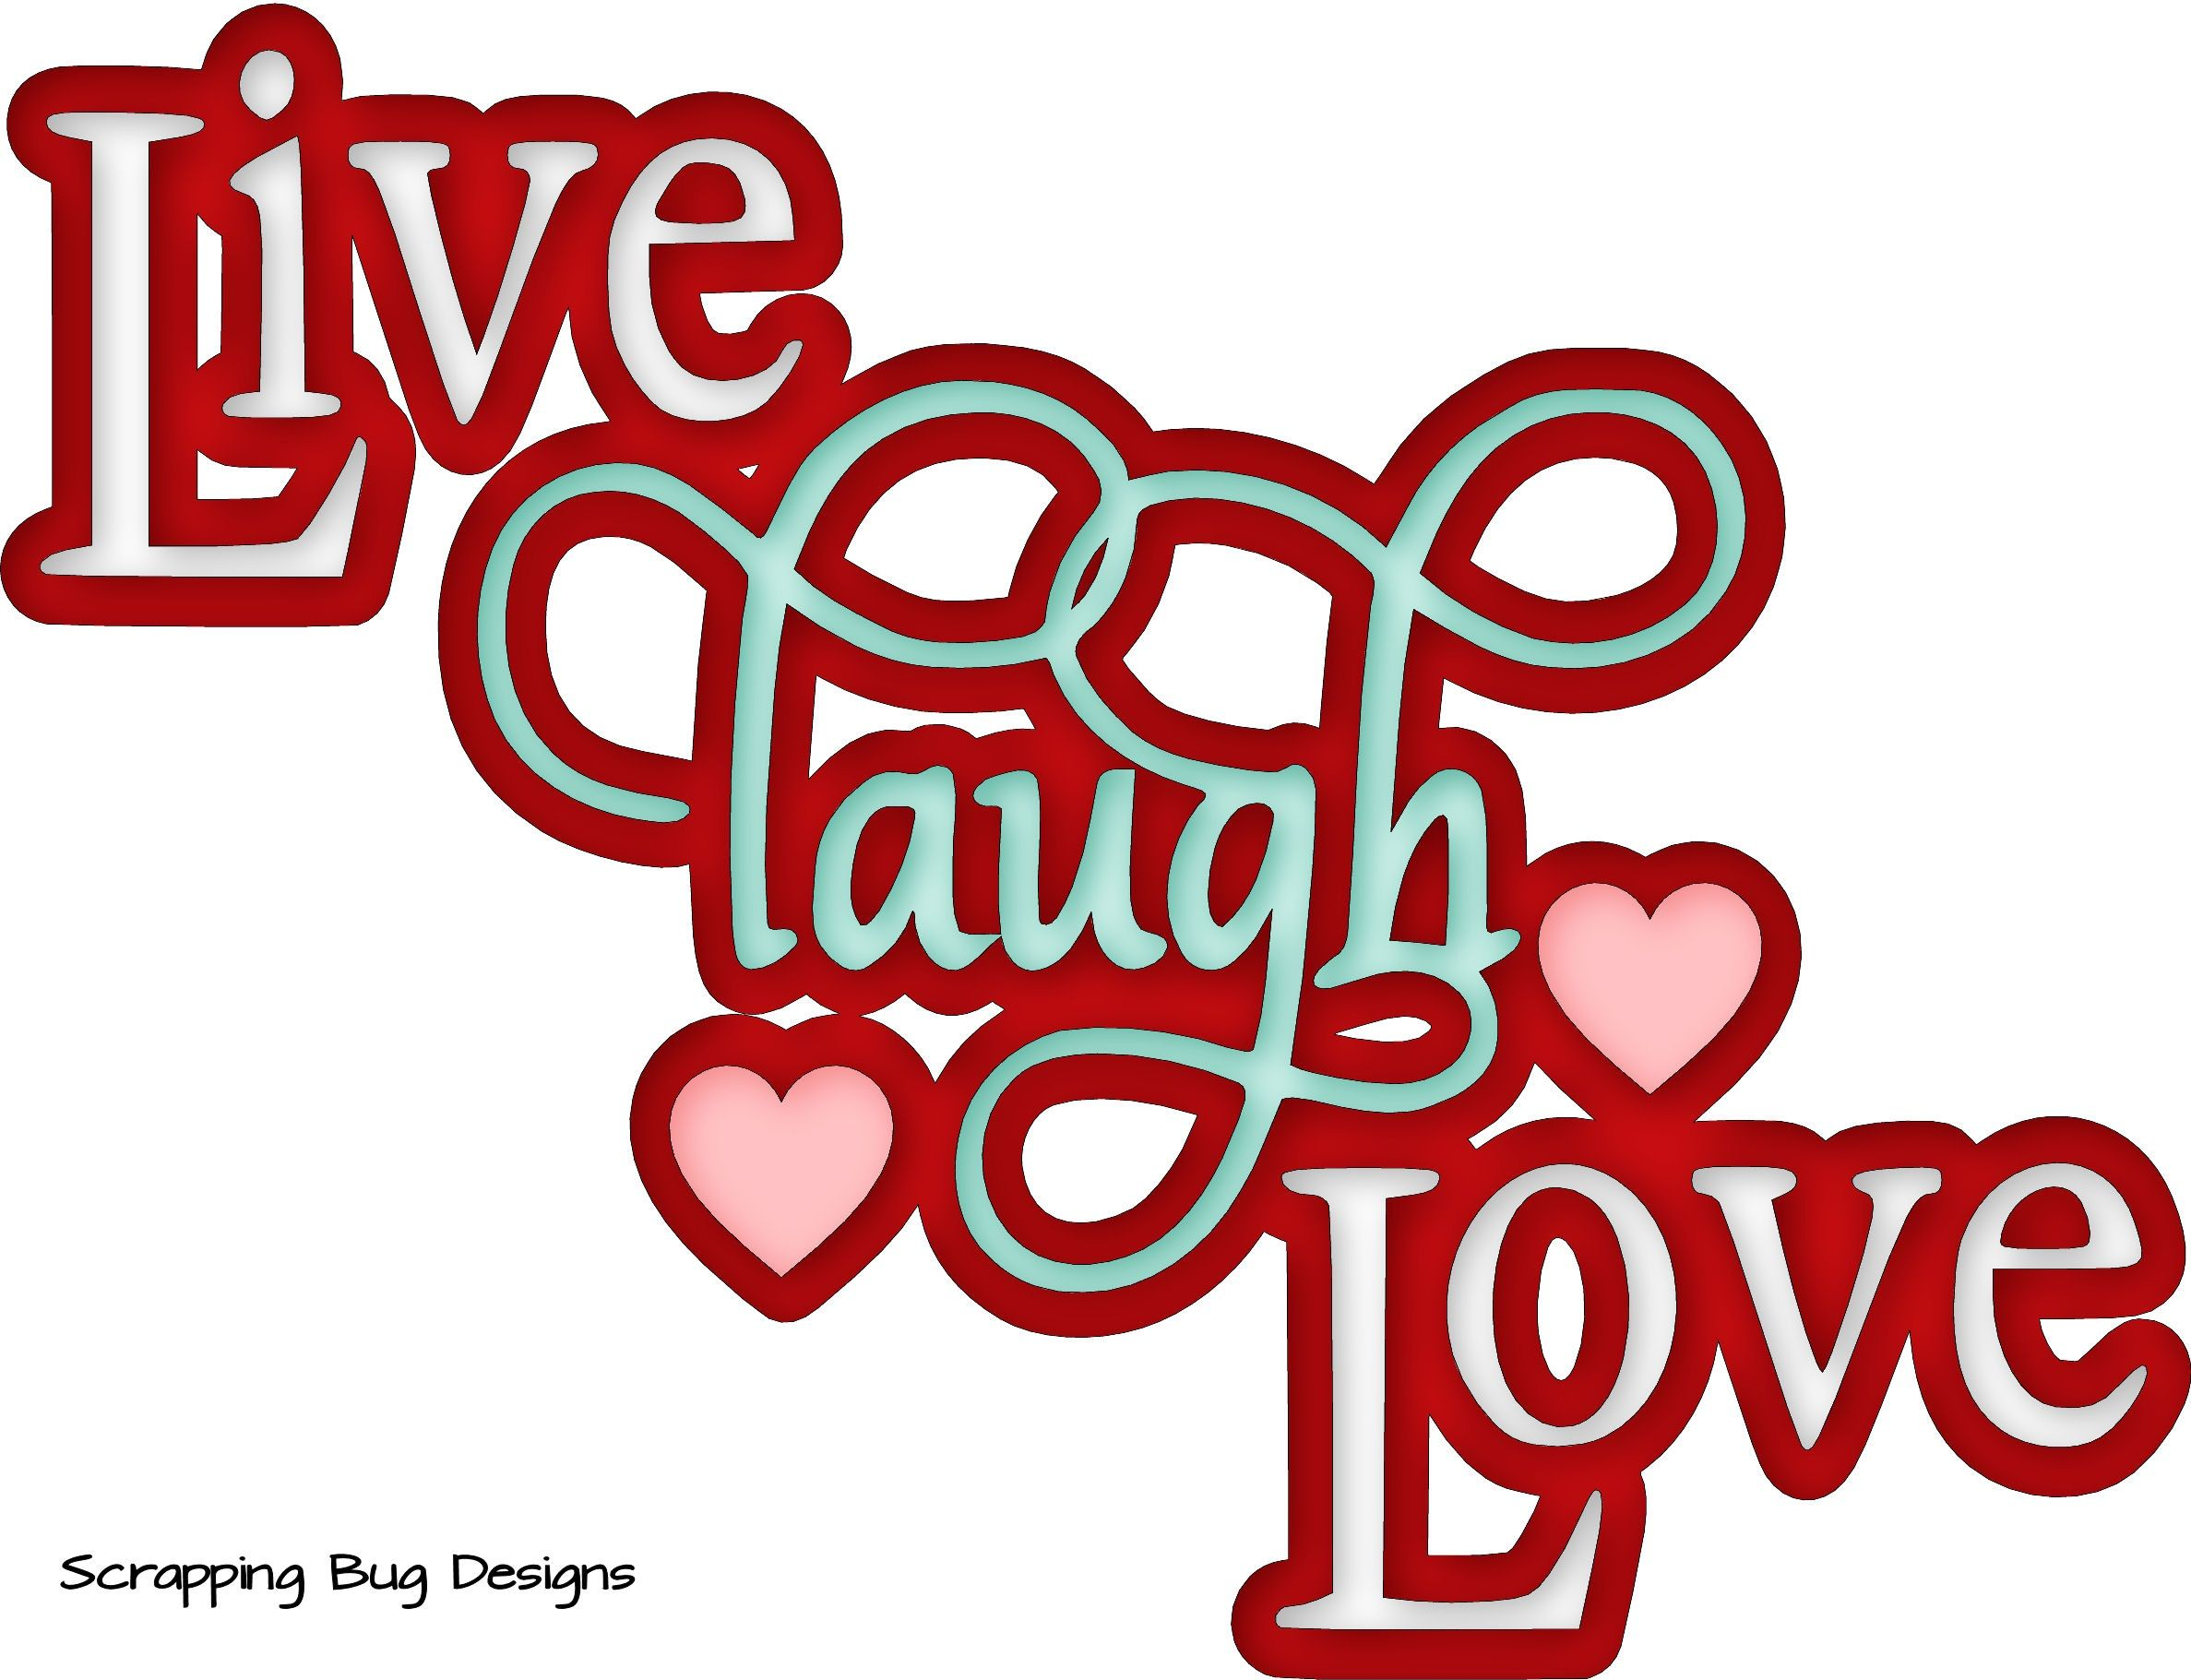 Download Live Laugh Love | Scrapbook quotes, Live laugh love ...